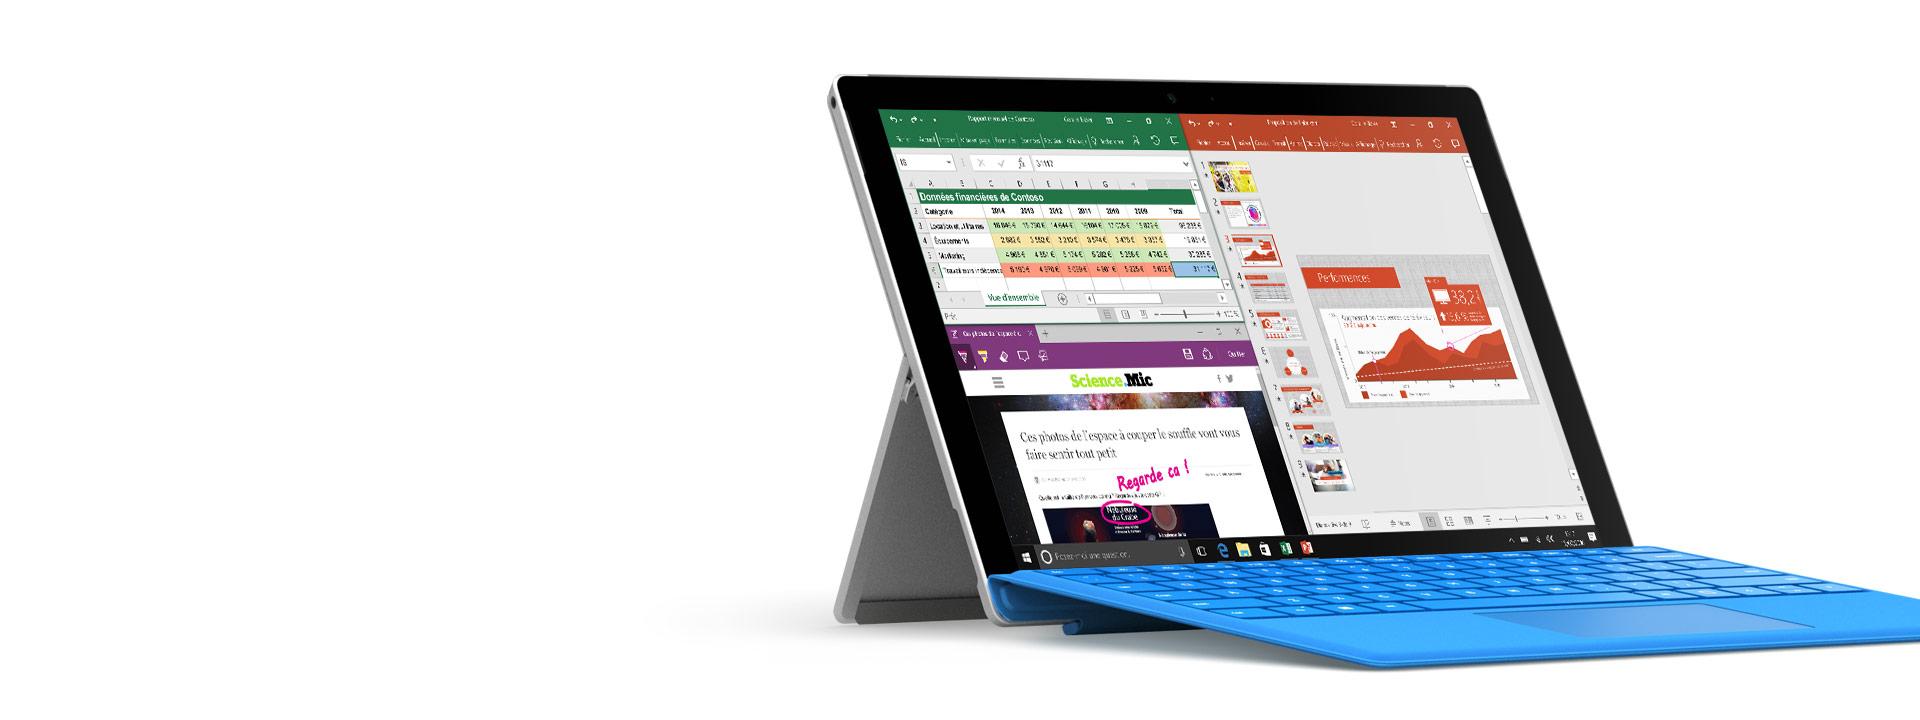 windows site officiel pour les ordinateurs portables ordinateurs de bureau et tablettes. Black Bedroom Furniture Sets. Home Design Ideas